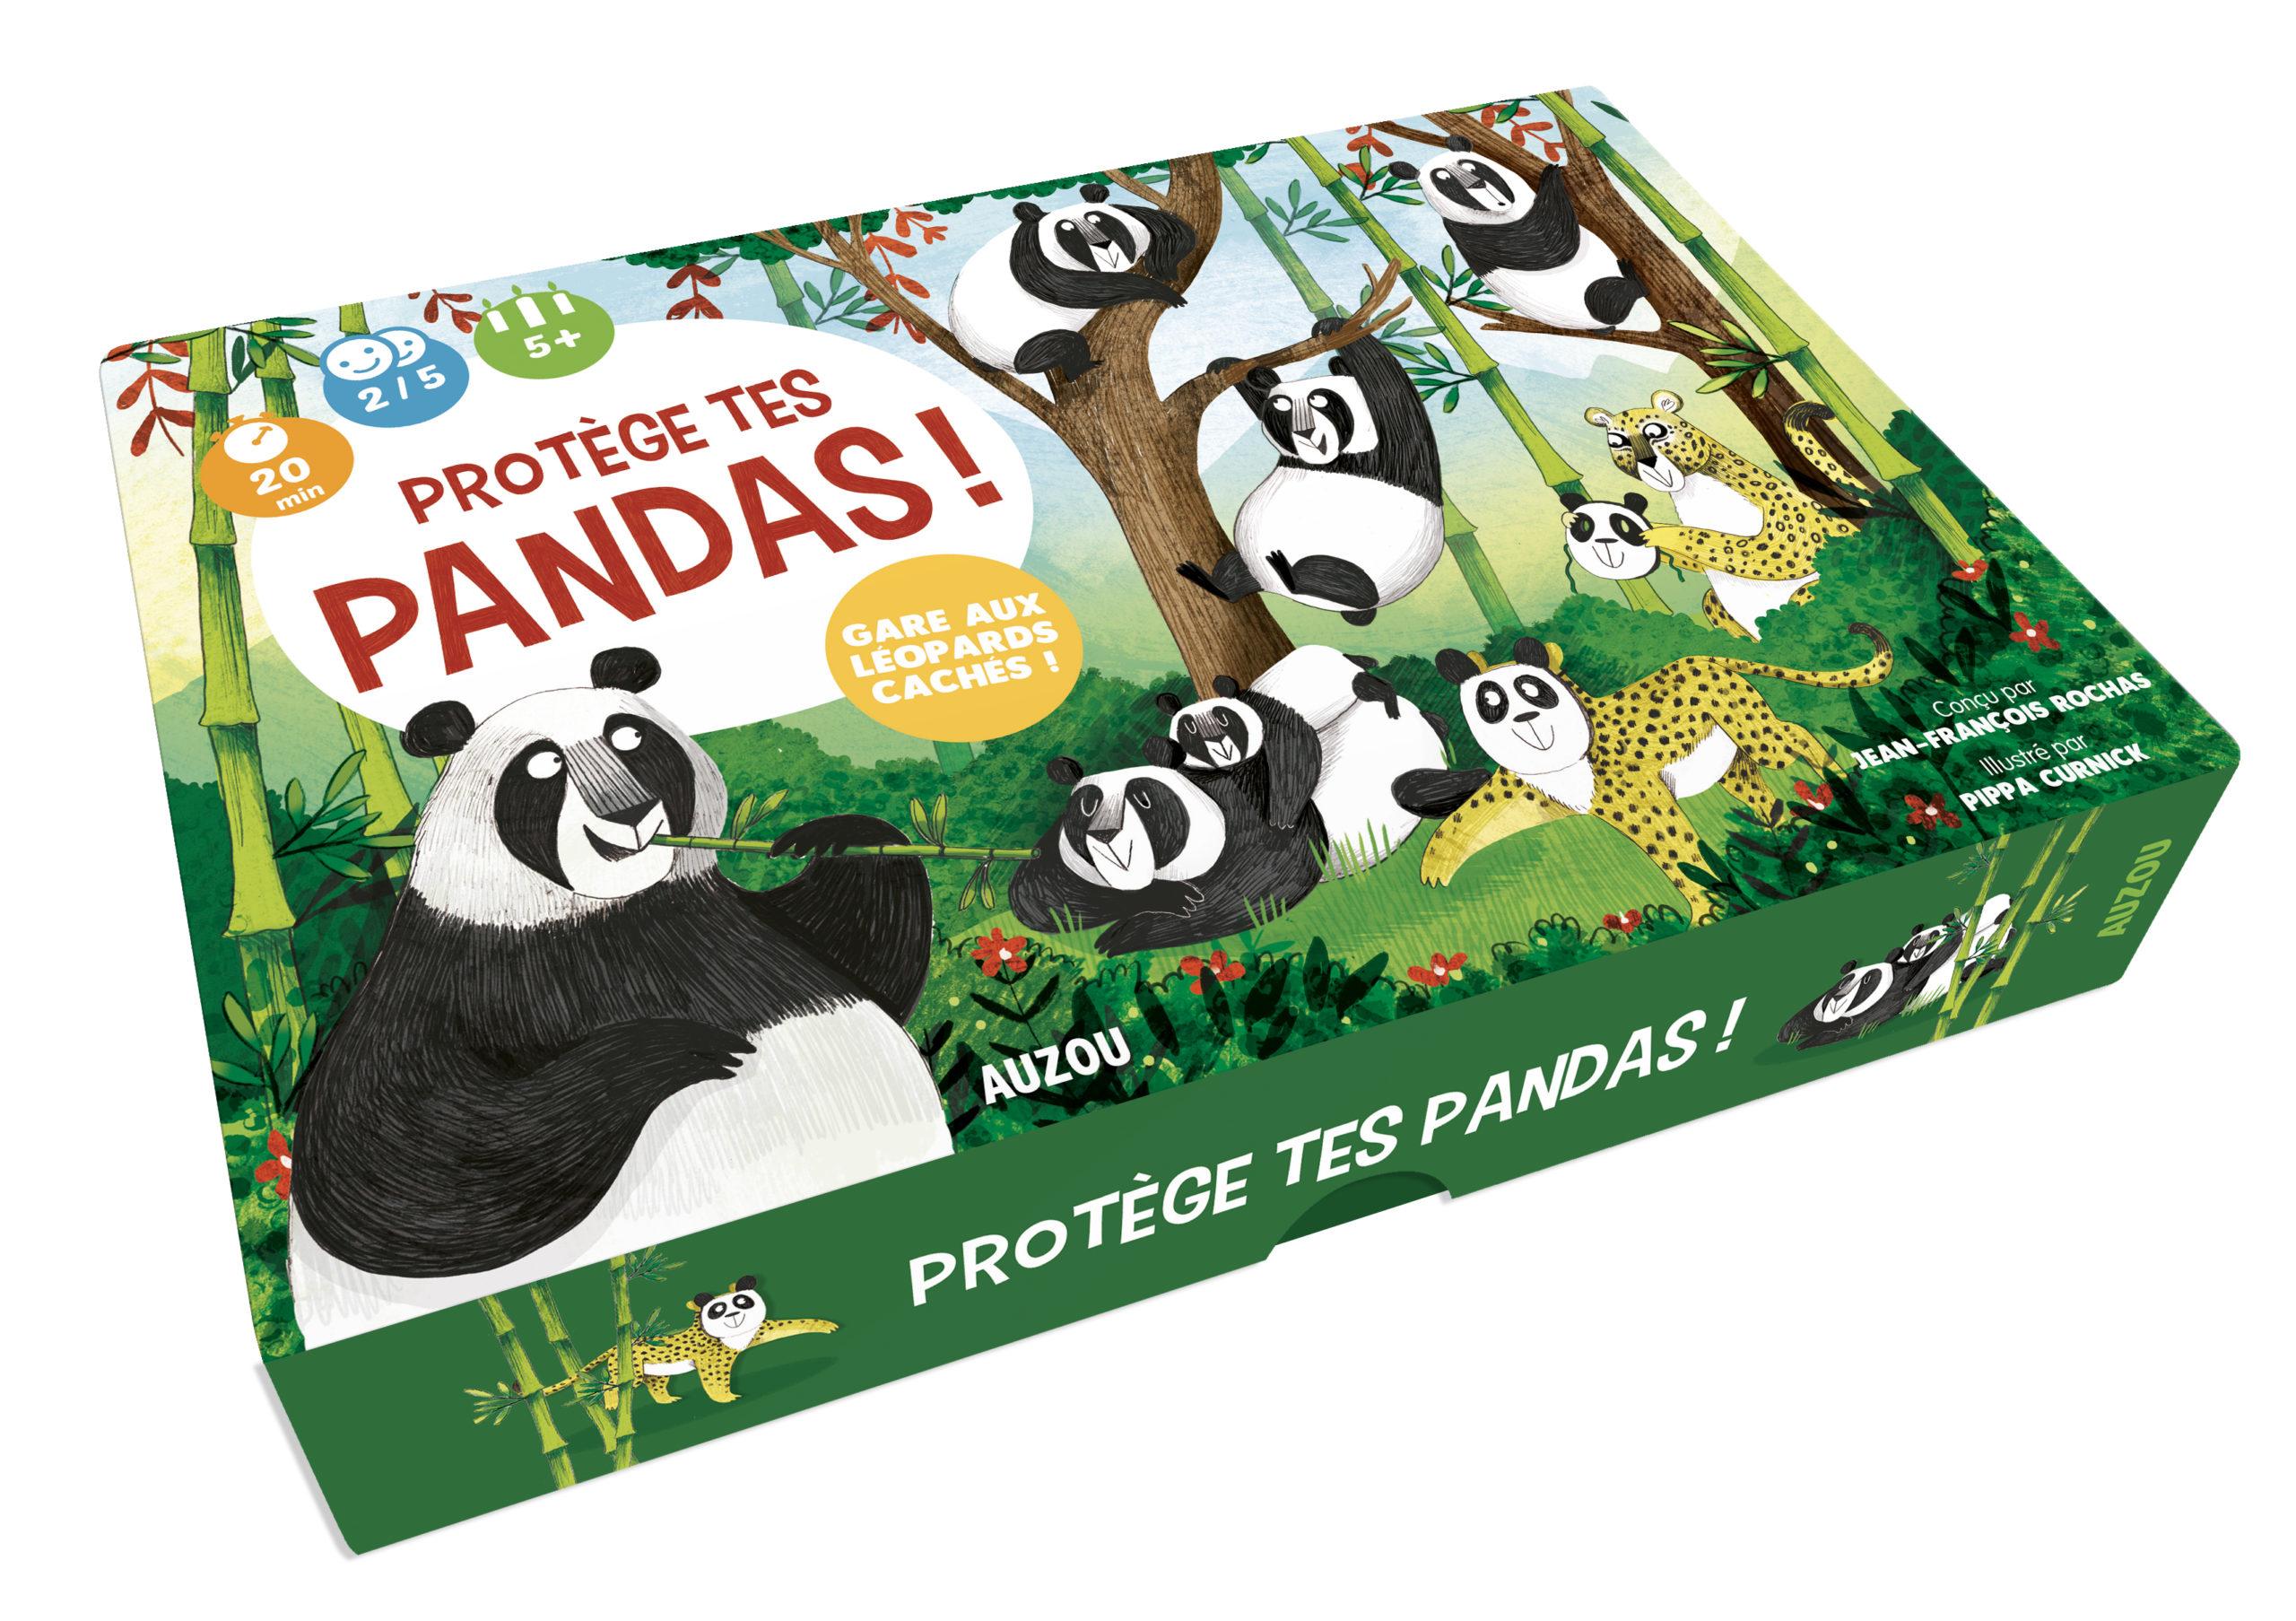 Protège tes pandas